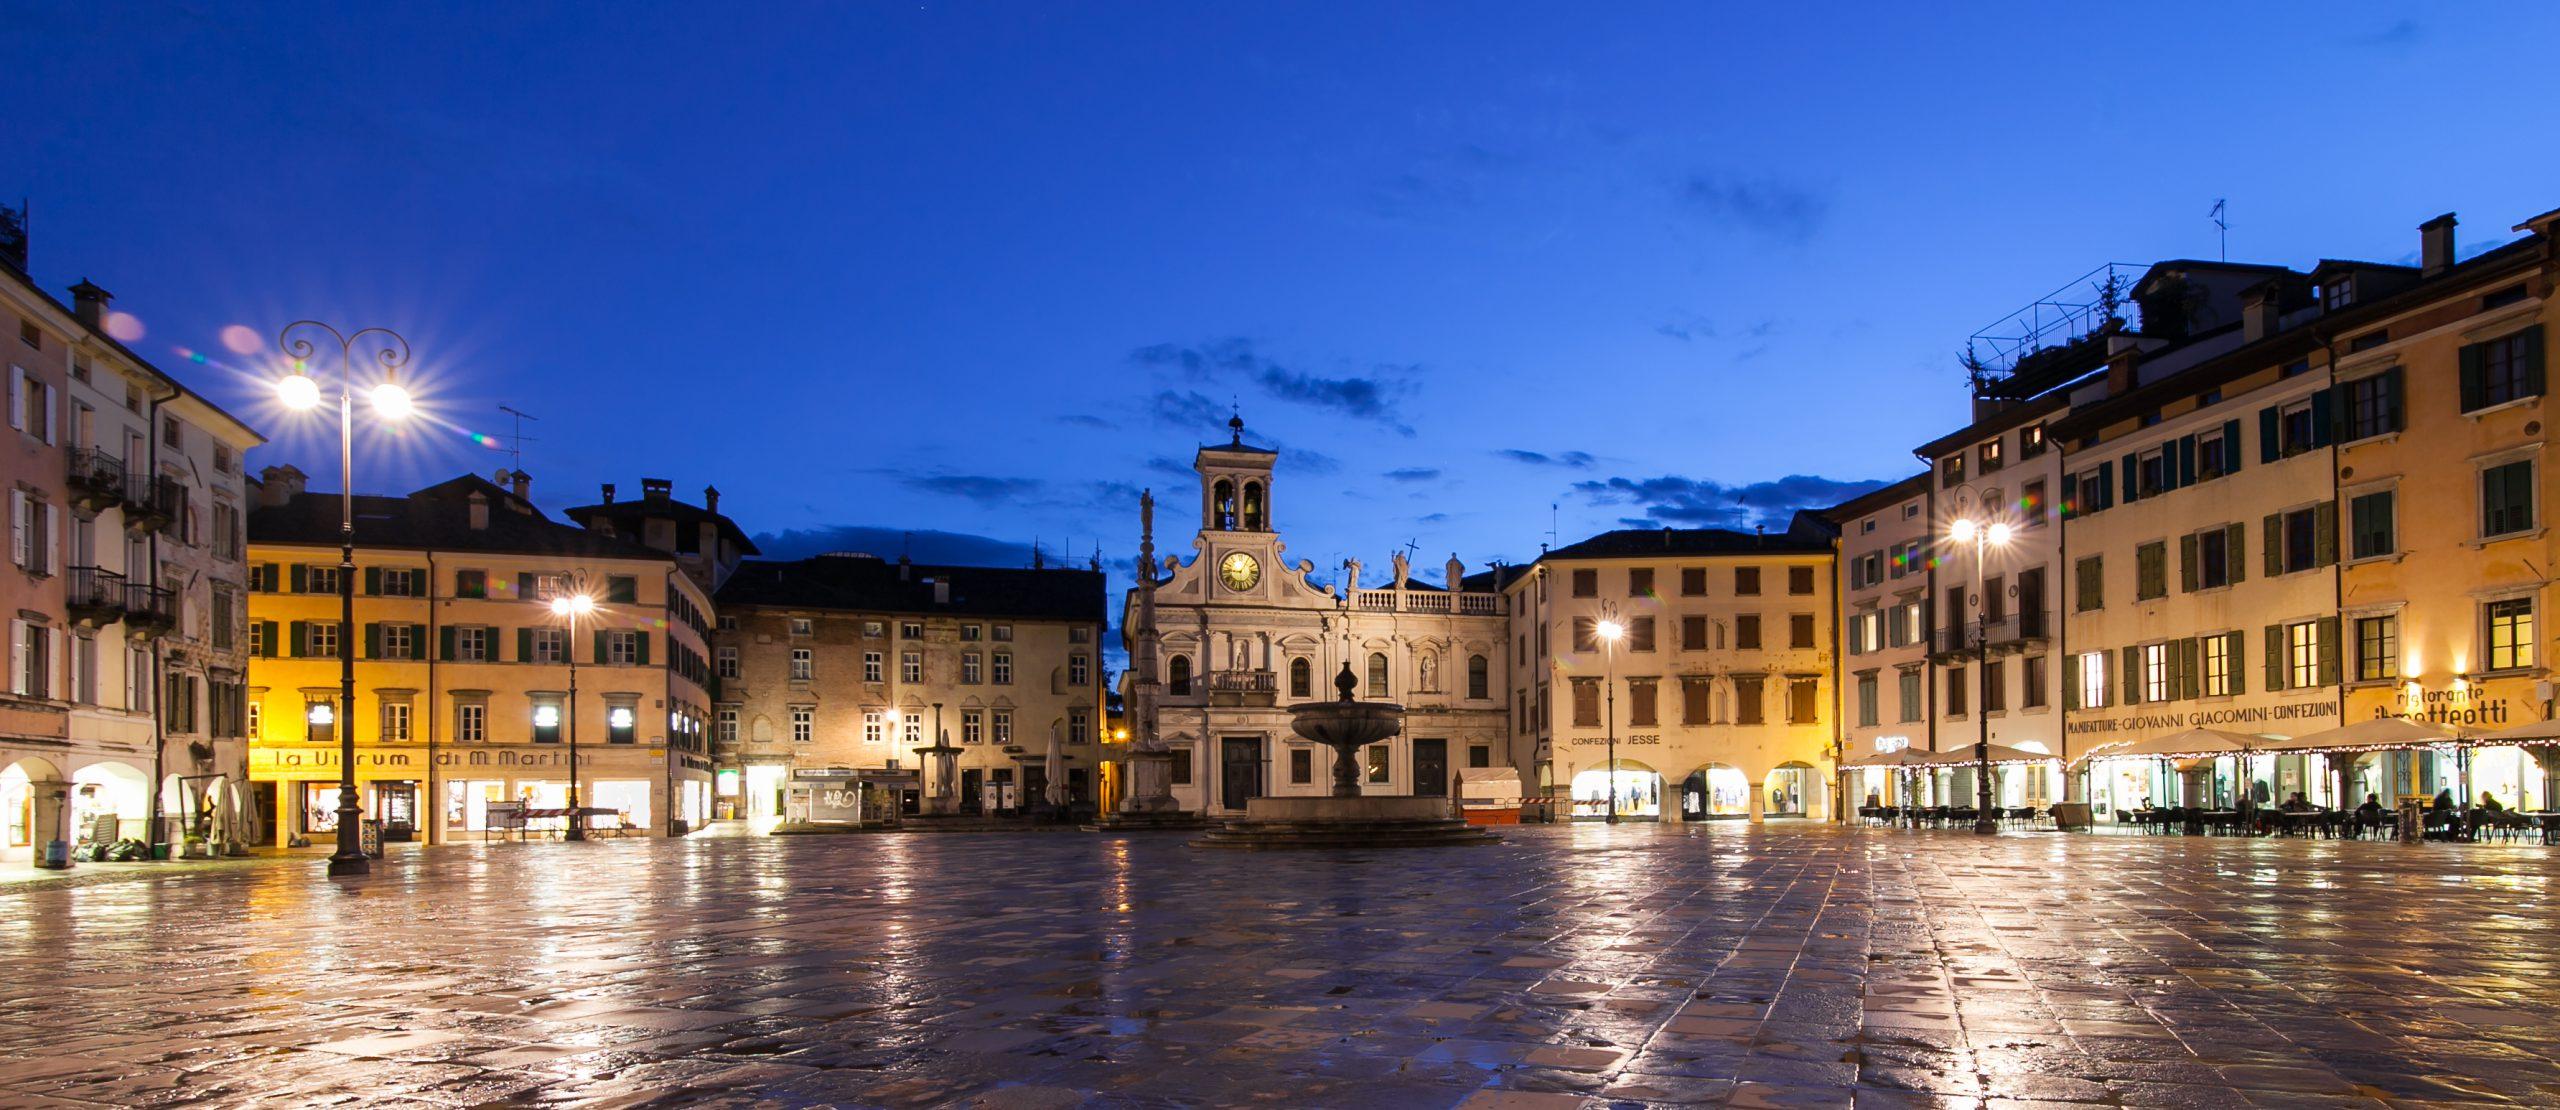 Prozkoumejte Udine na kole a obdivujte důležité budovy z období pozdní gotiky a renesance